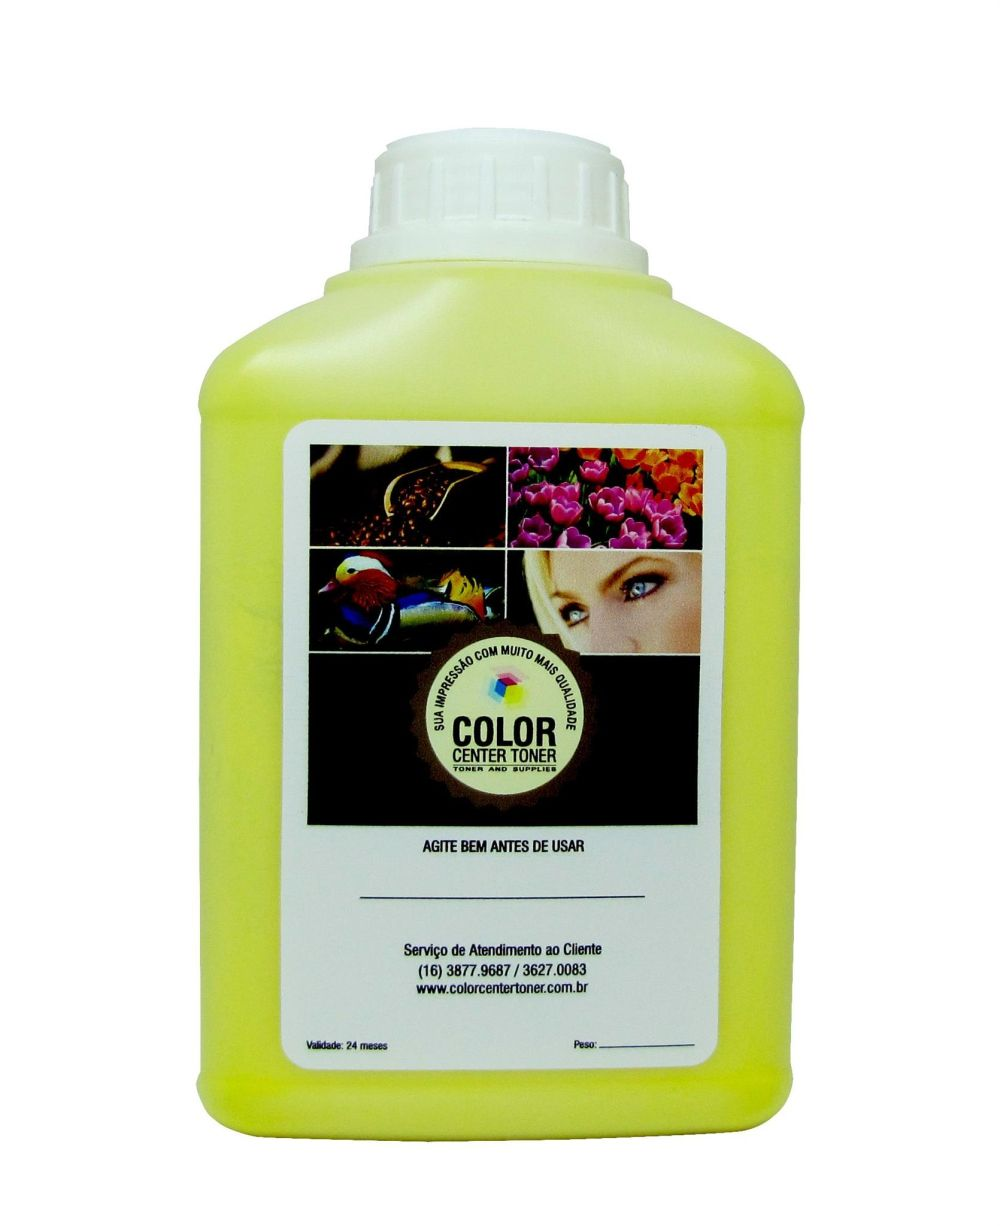 Refil de Toner Bizhub C203/C253 Amarelo